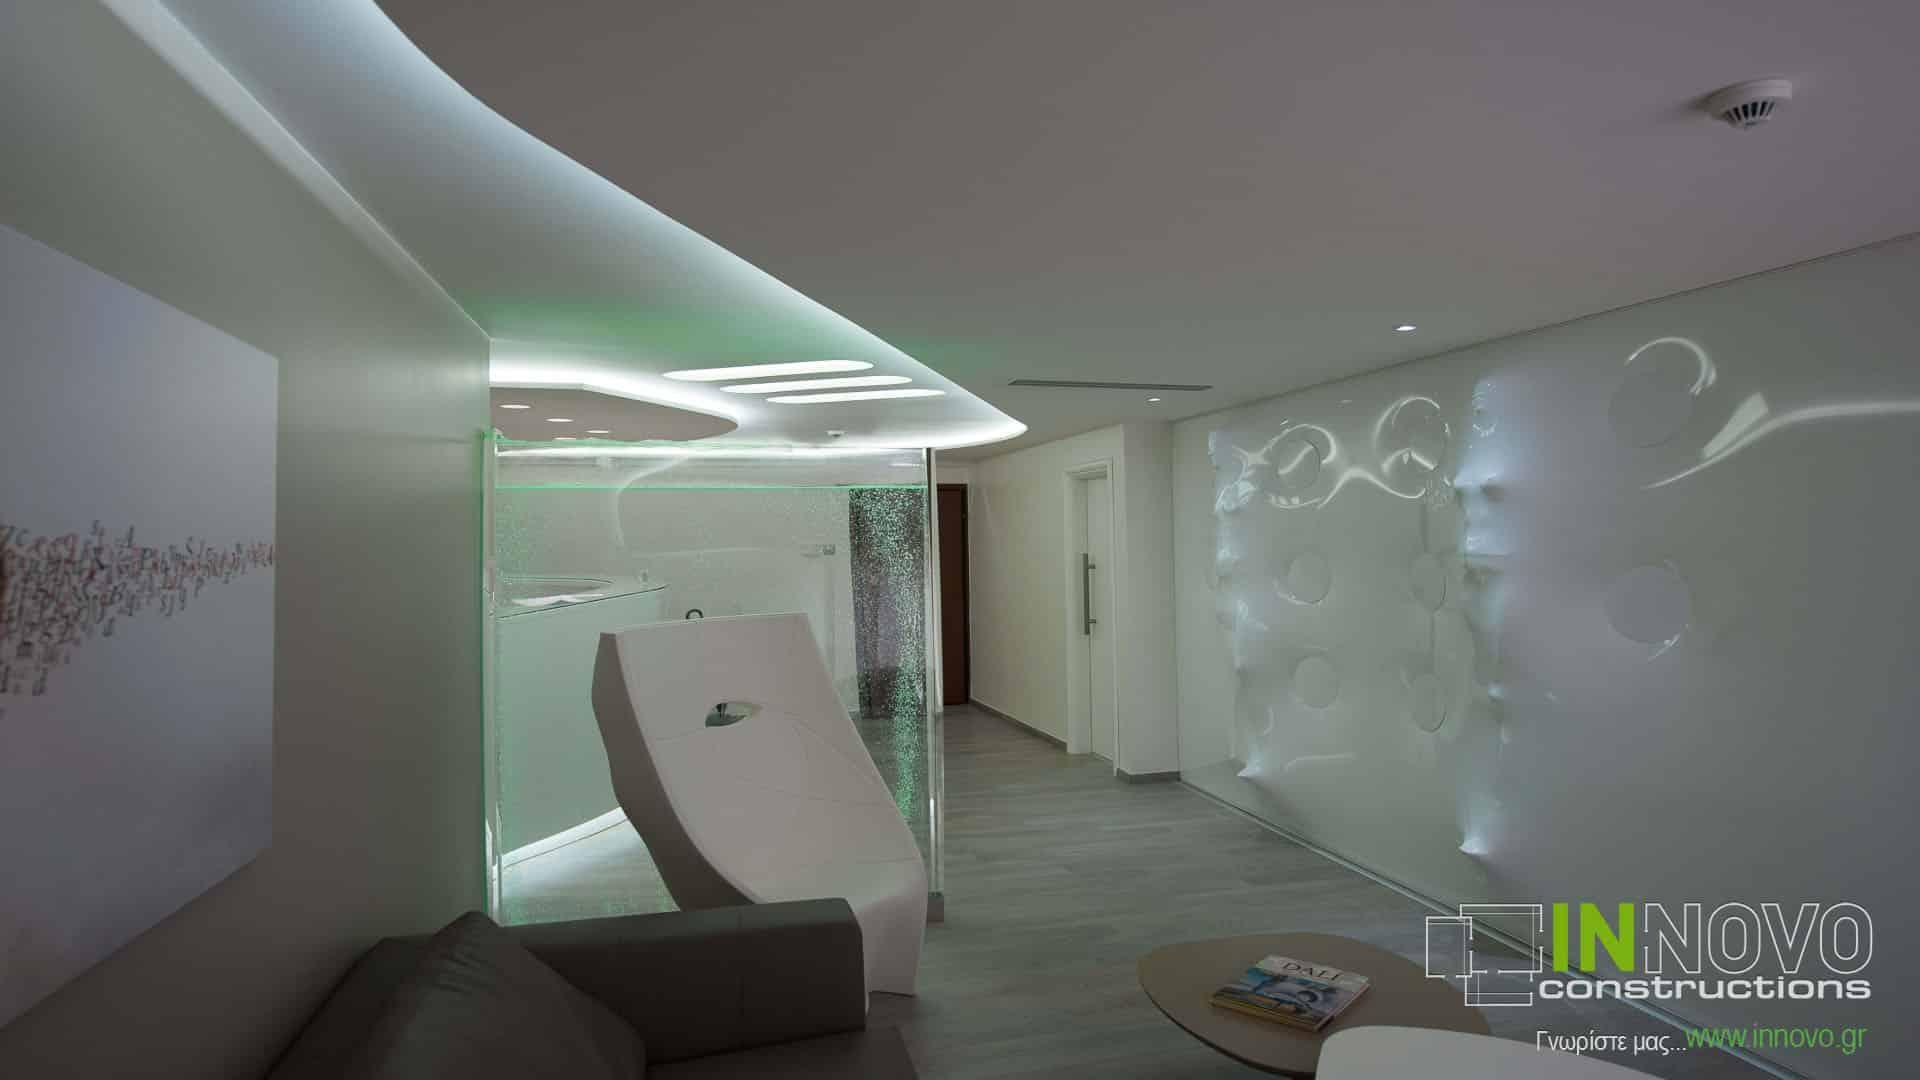 Μελέτη διακόσμησης Ιατρείου Πλαστικής Χειρουργικής στην Τρίπολη